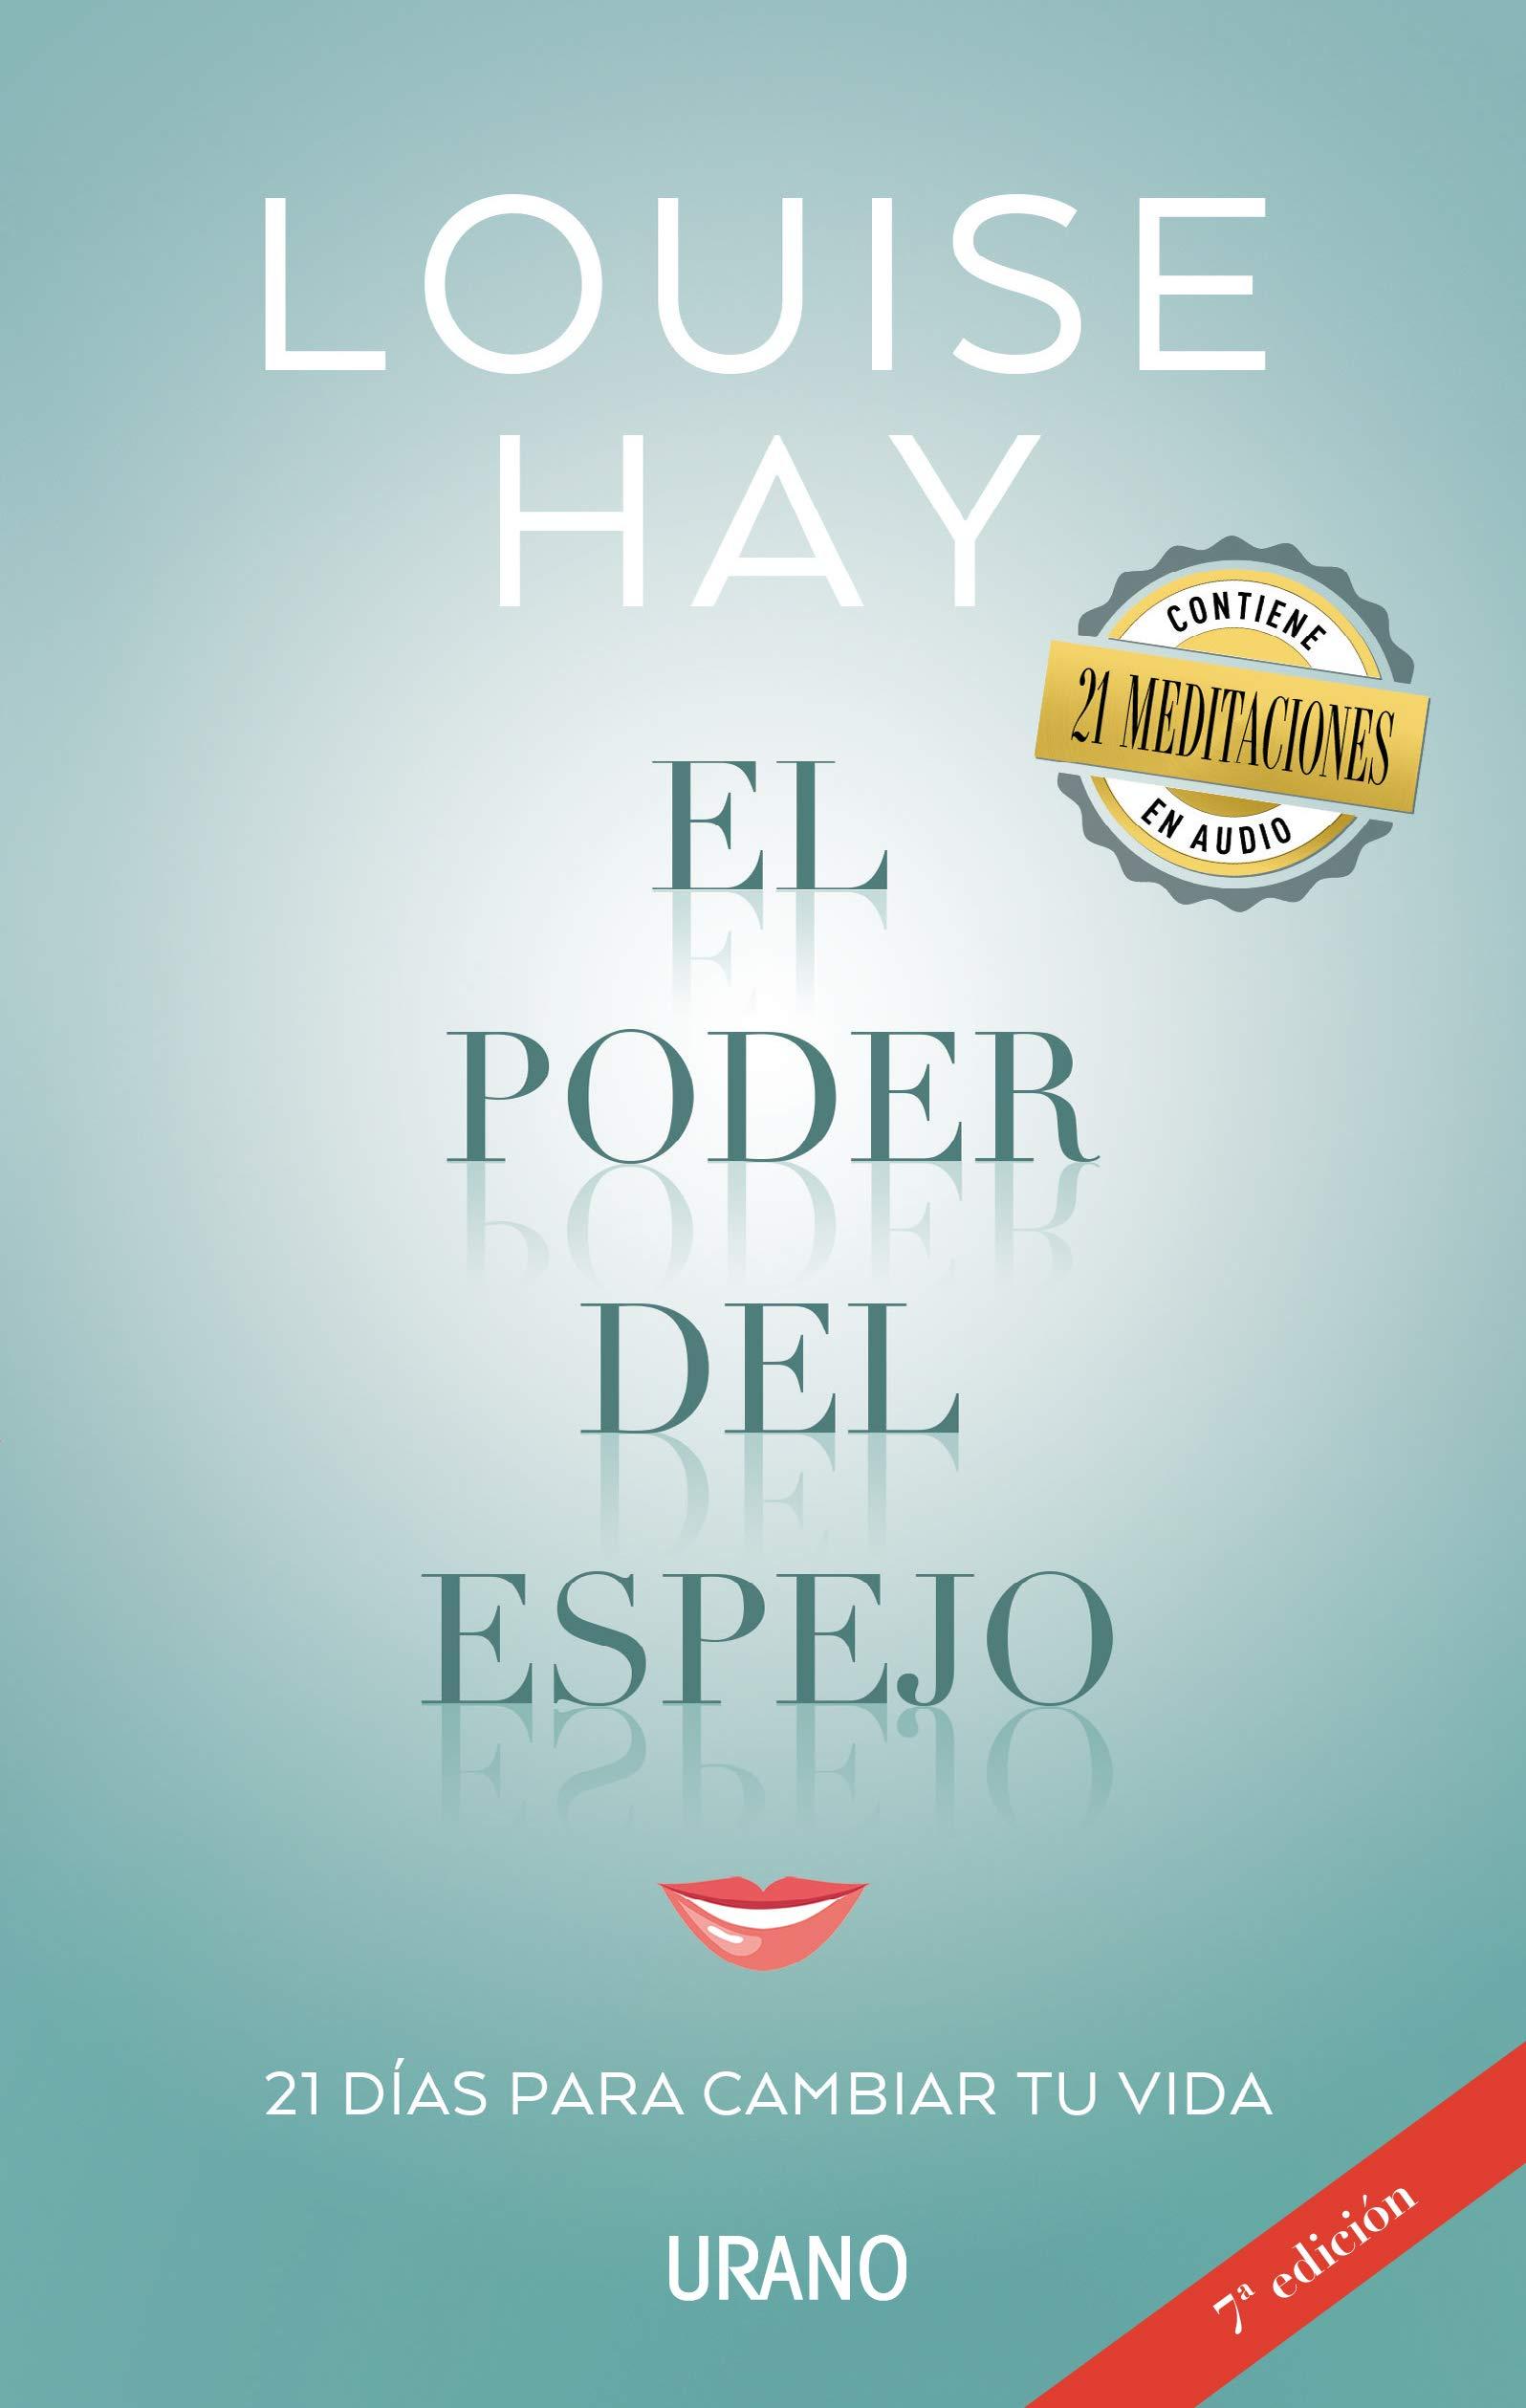 El poder del espejo (Crecimiento personal): Amazon.es: Louise Hay, Alicia  Sánchez Millet: Libros